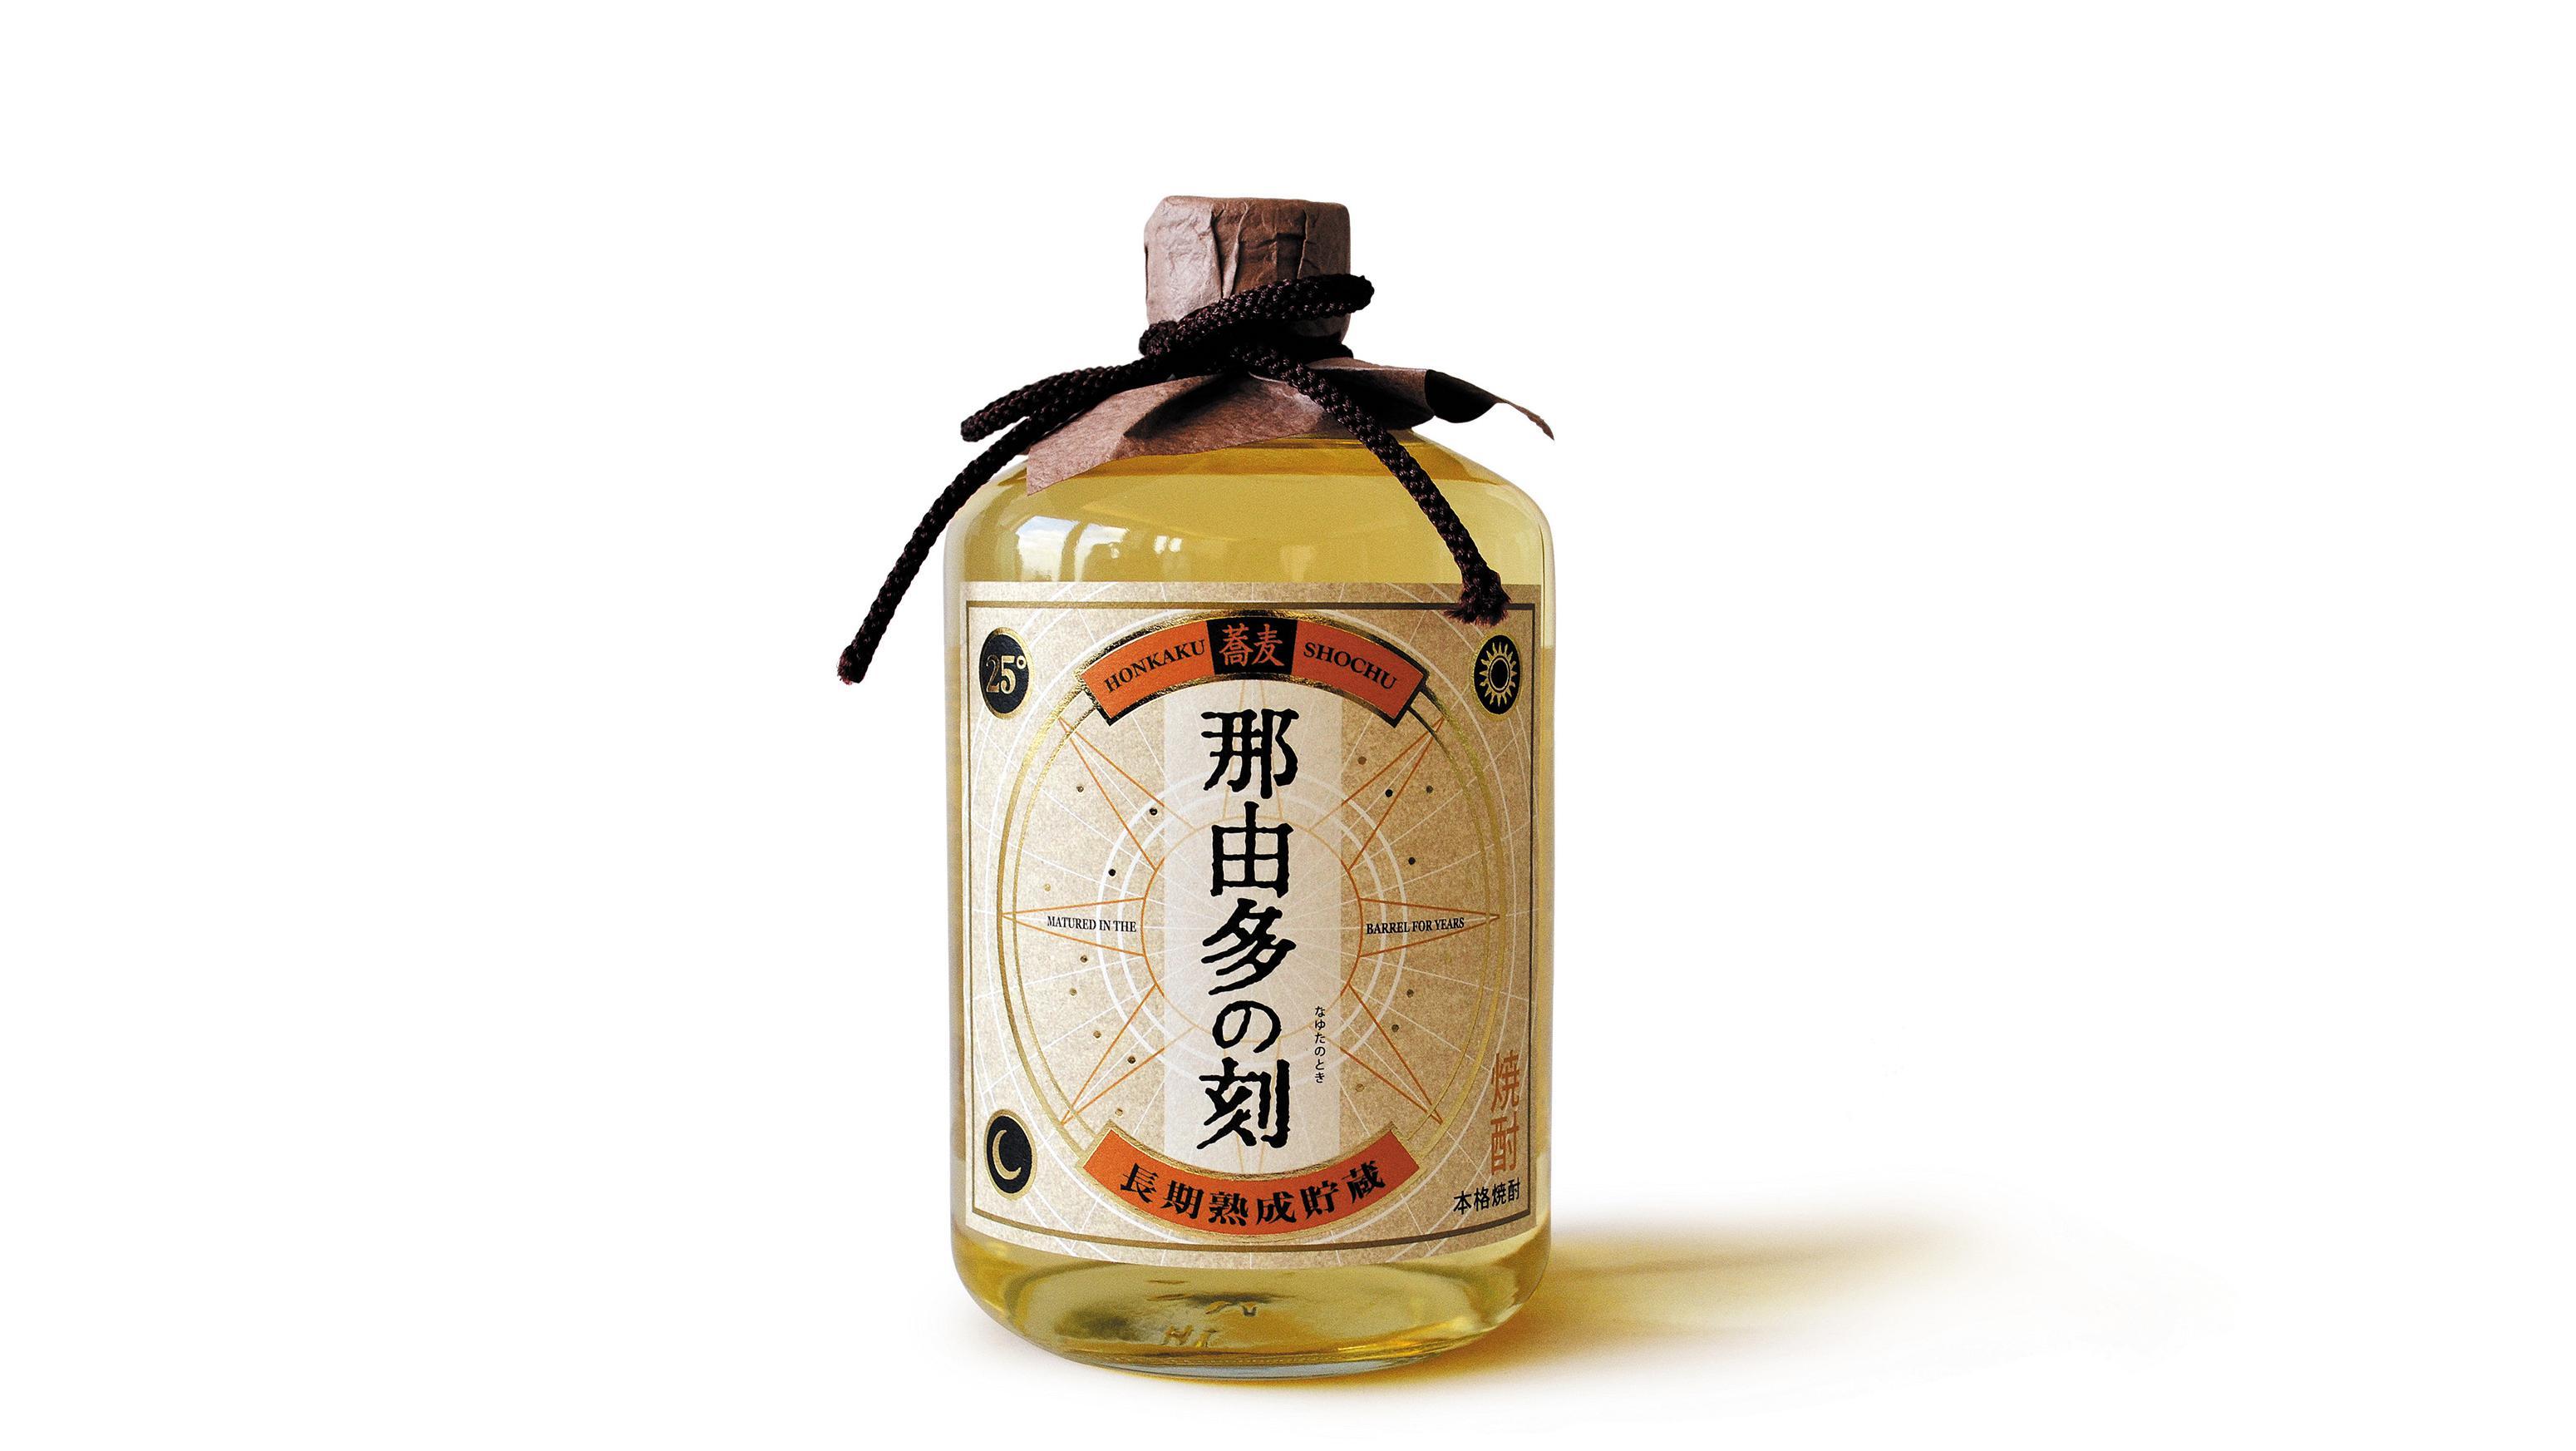 1843magazine.com - The shochu boom